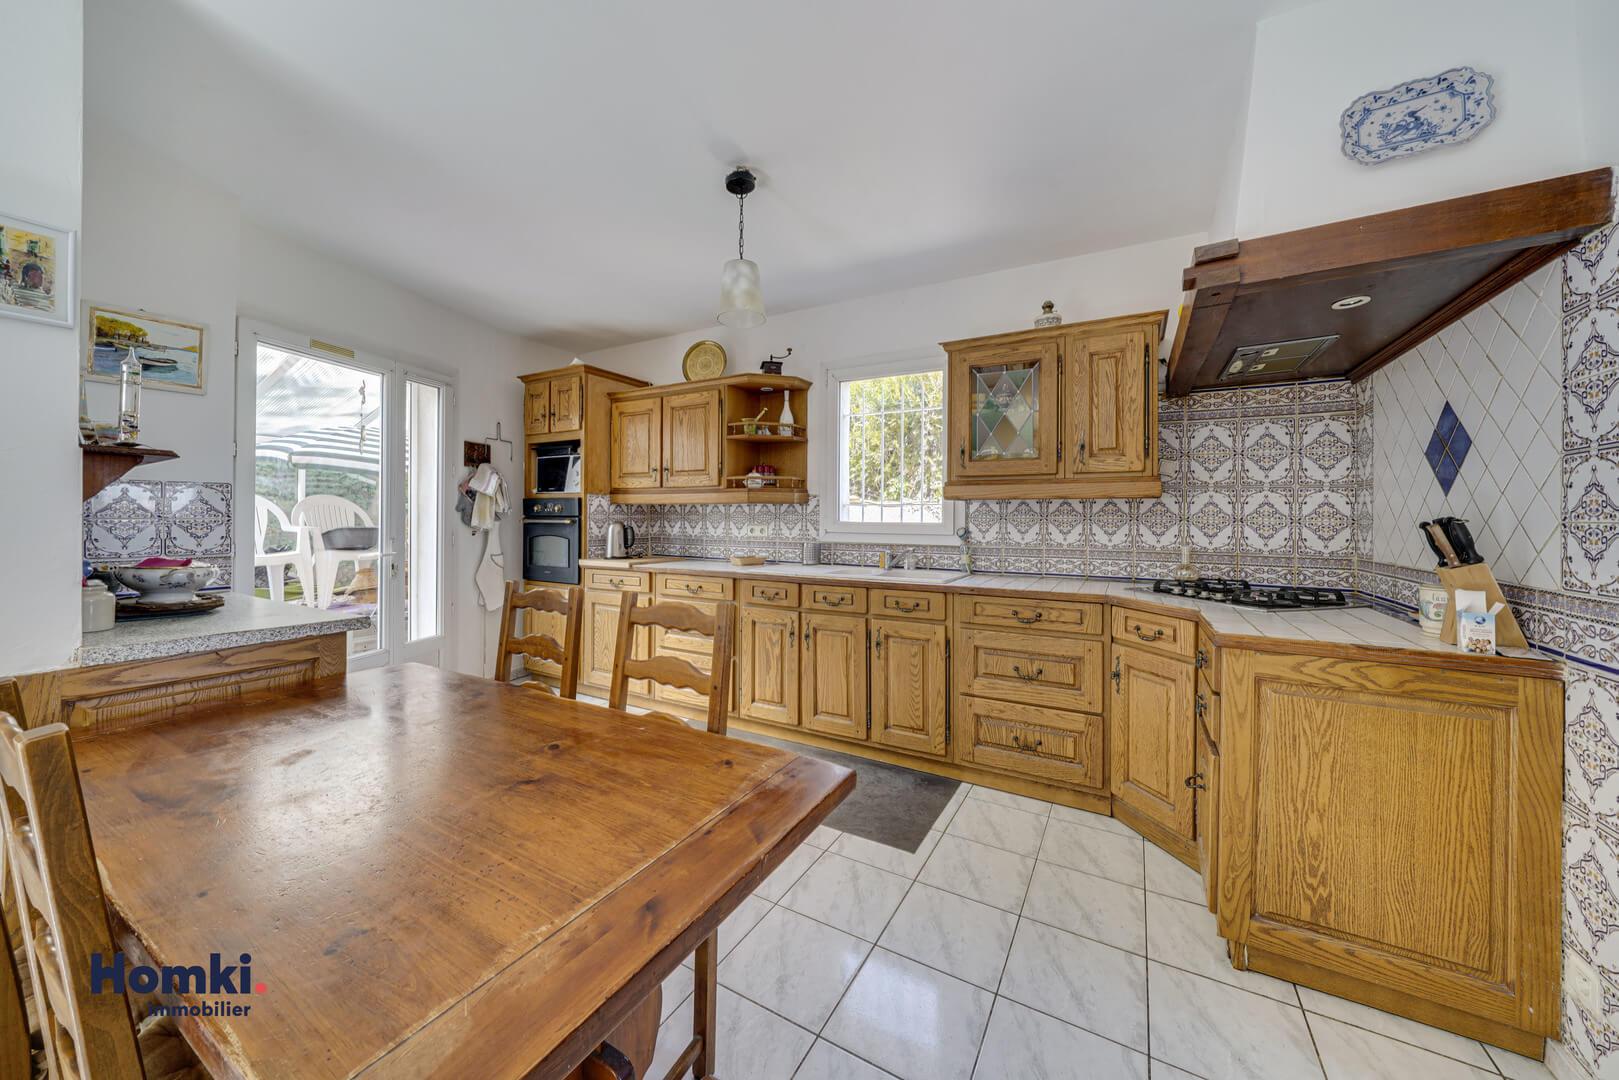 Vente Maison 105 m² T6 13011 Marseille_5